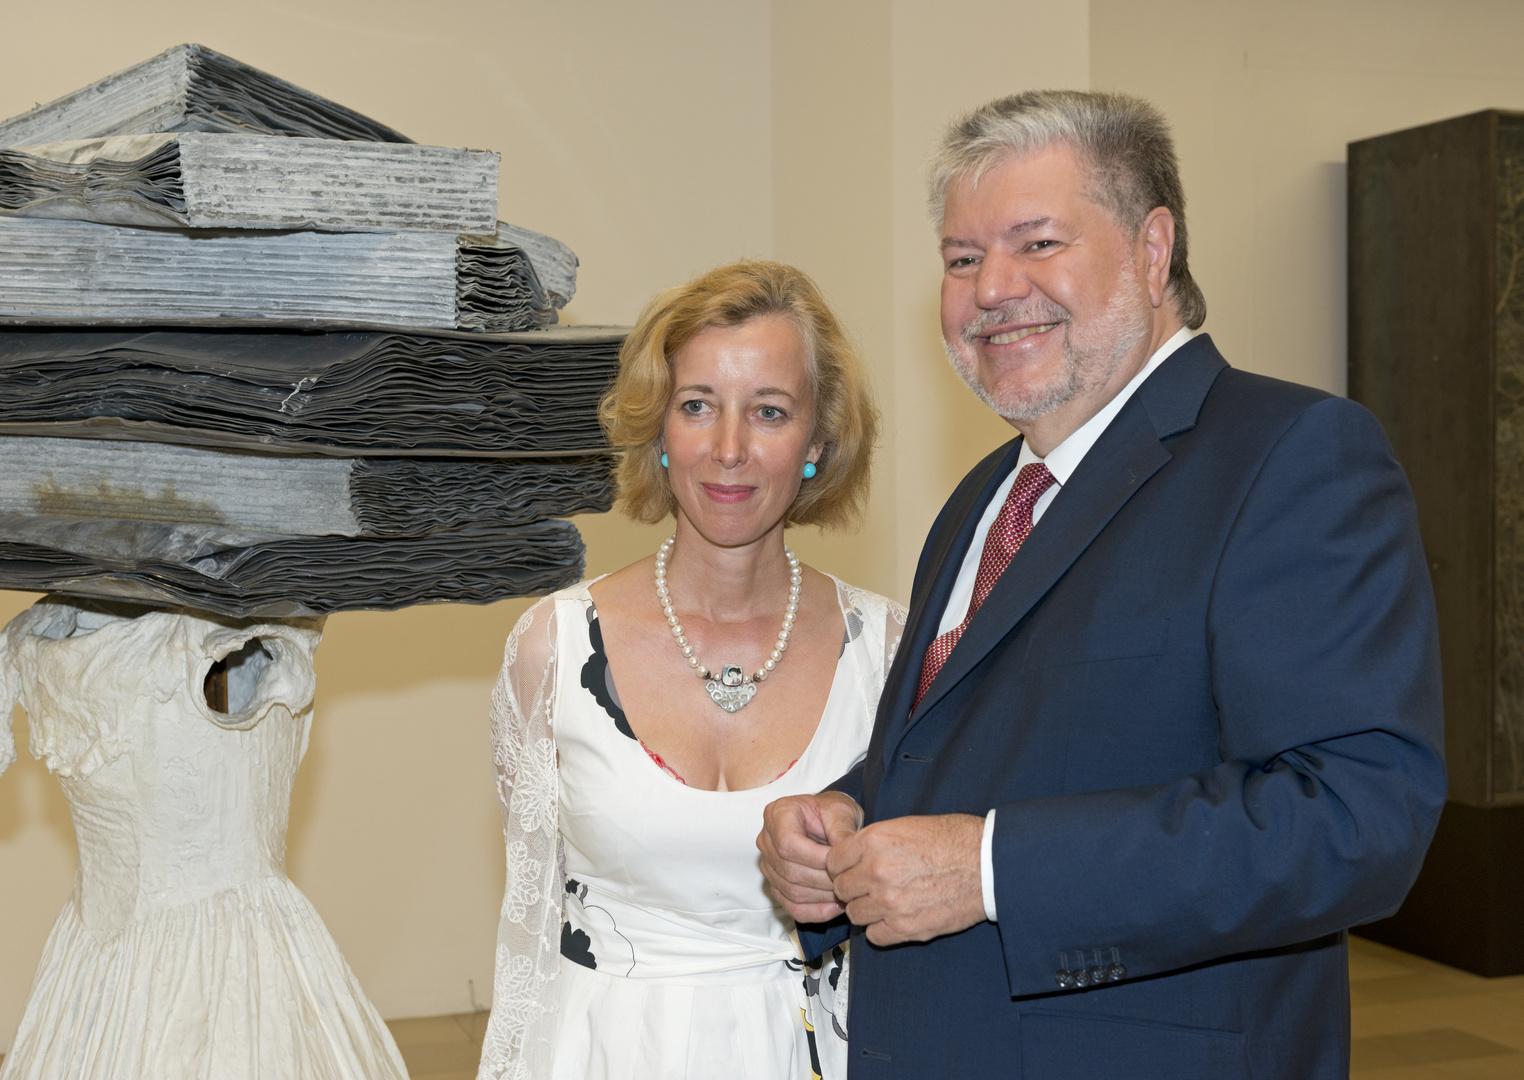 MP Kurt Beck zu Gast bei Dr. Beate Reifenscheid - Direktorin des Ludwigmuseums in Koblenz